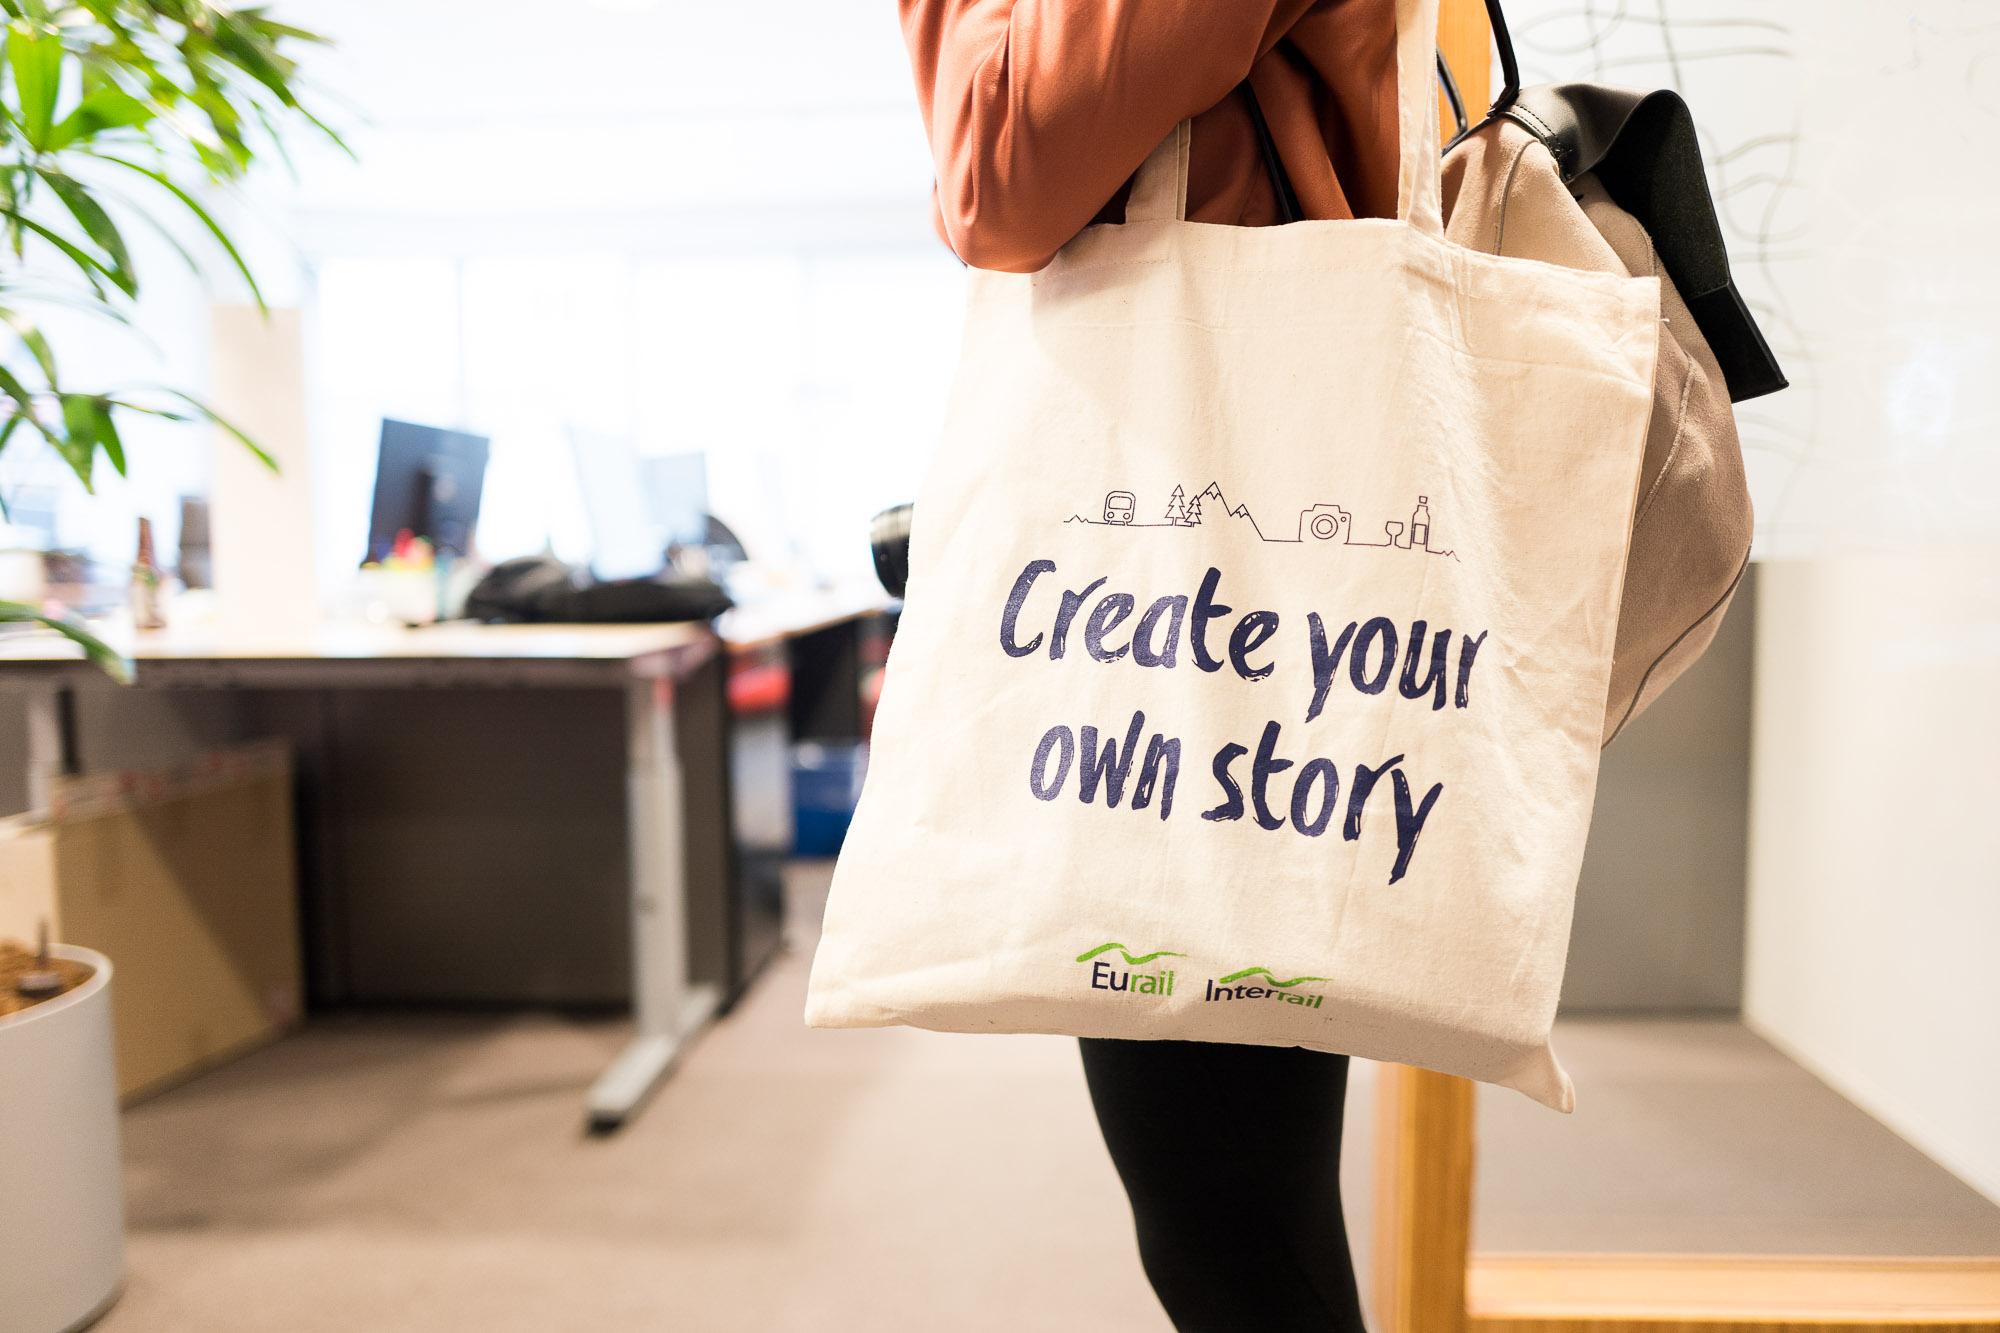 Create your own story – zu Besuch bei Interrail